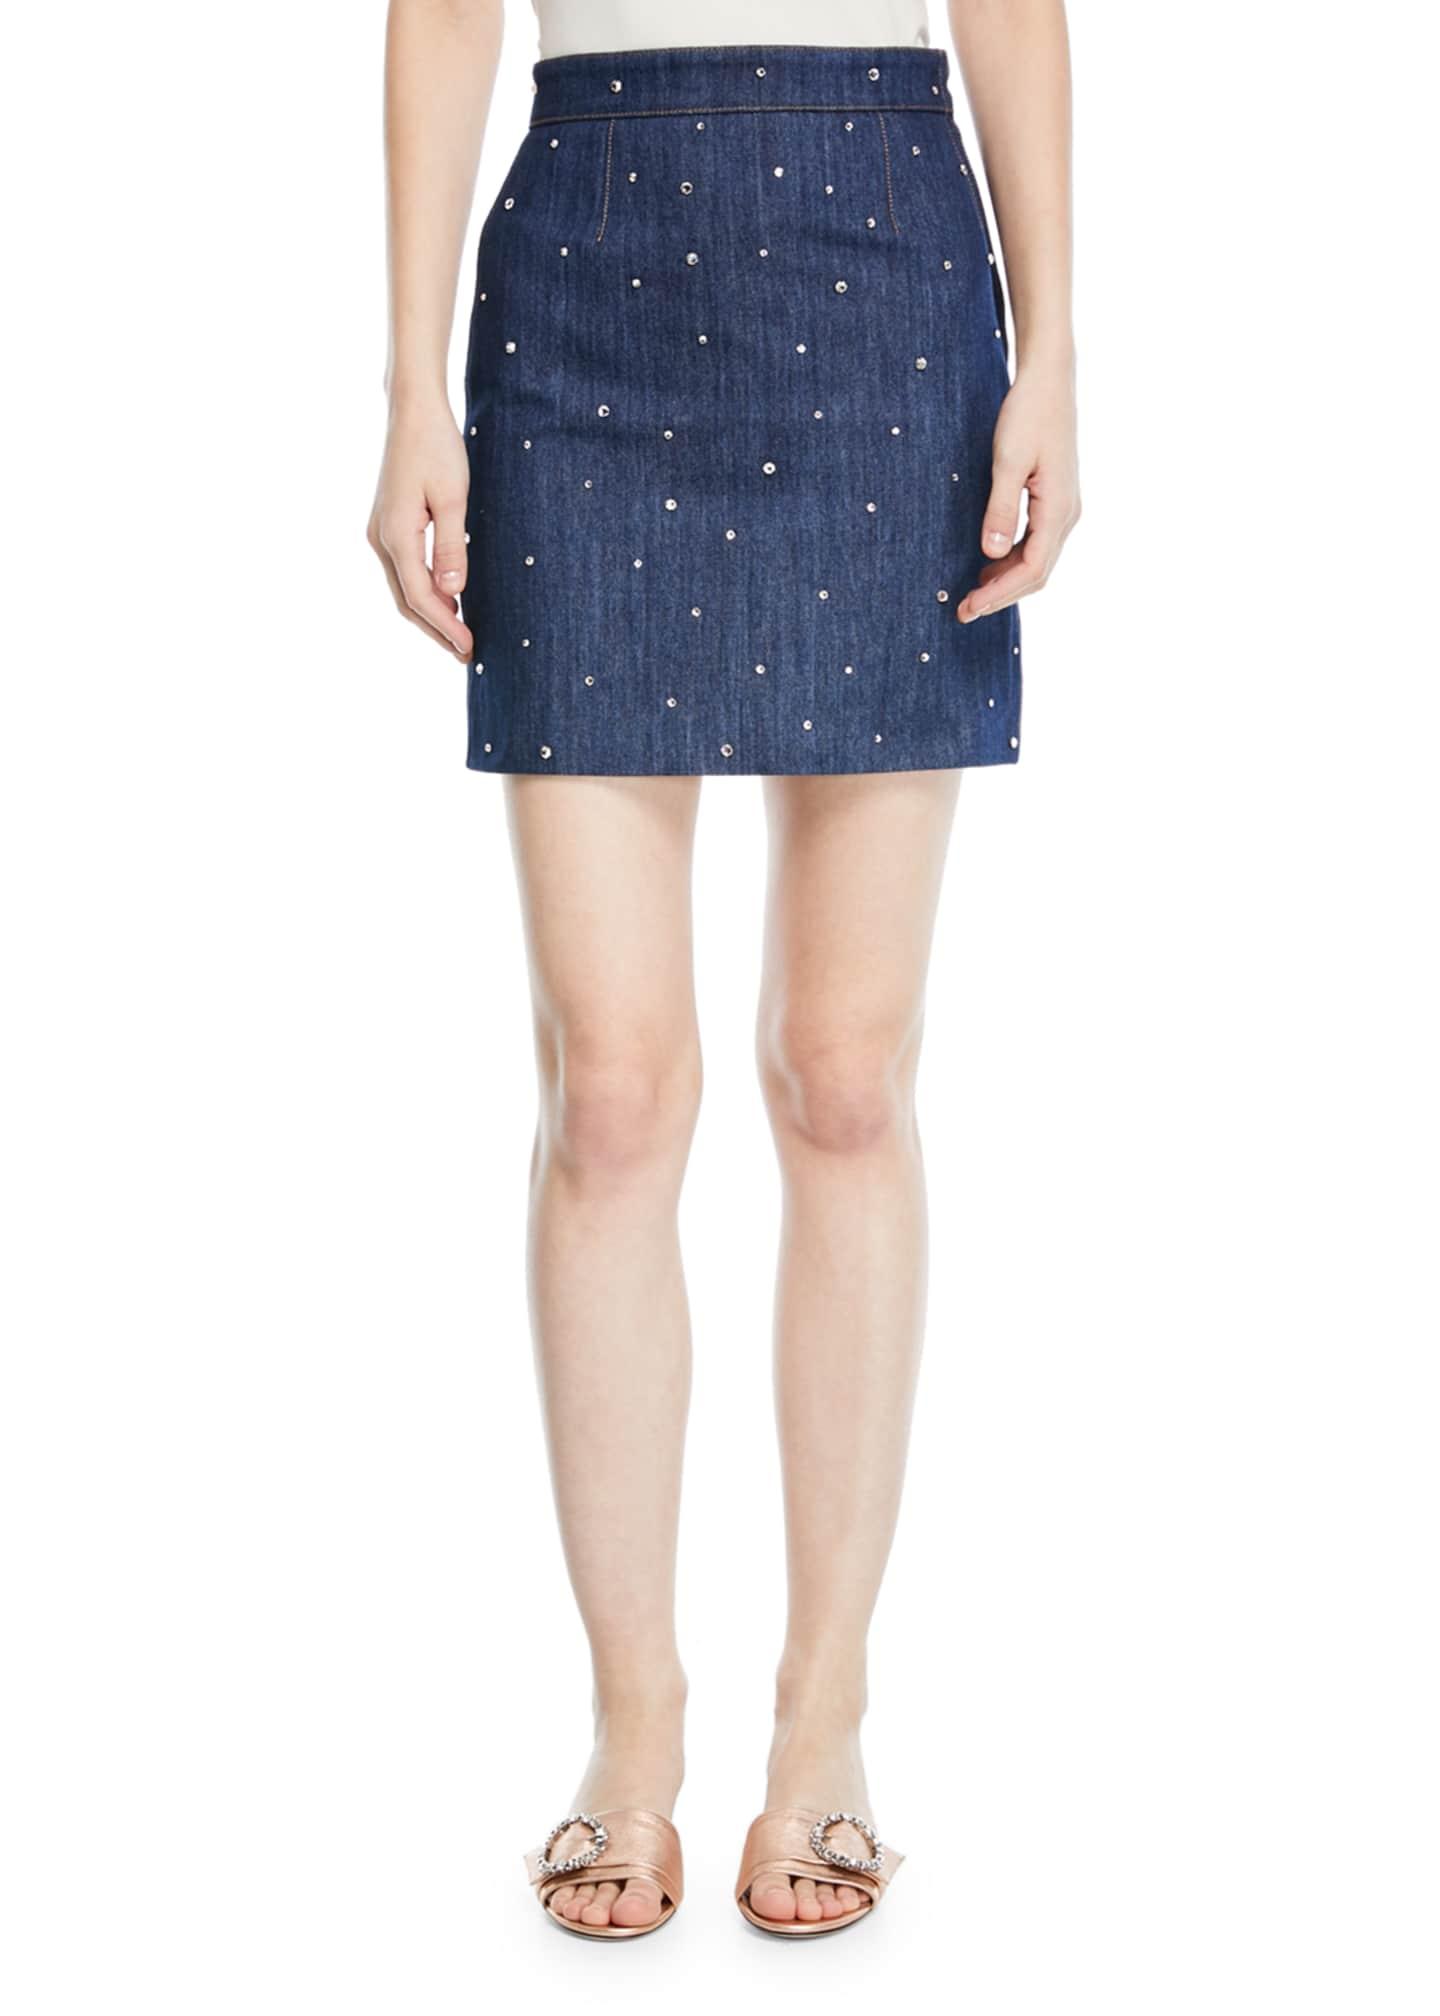 Miu Miu Crystal-Studded Denim Mini Skirt